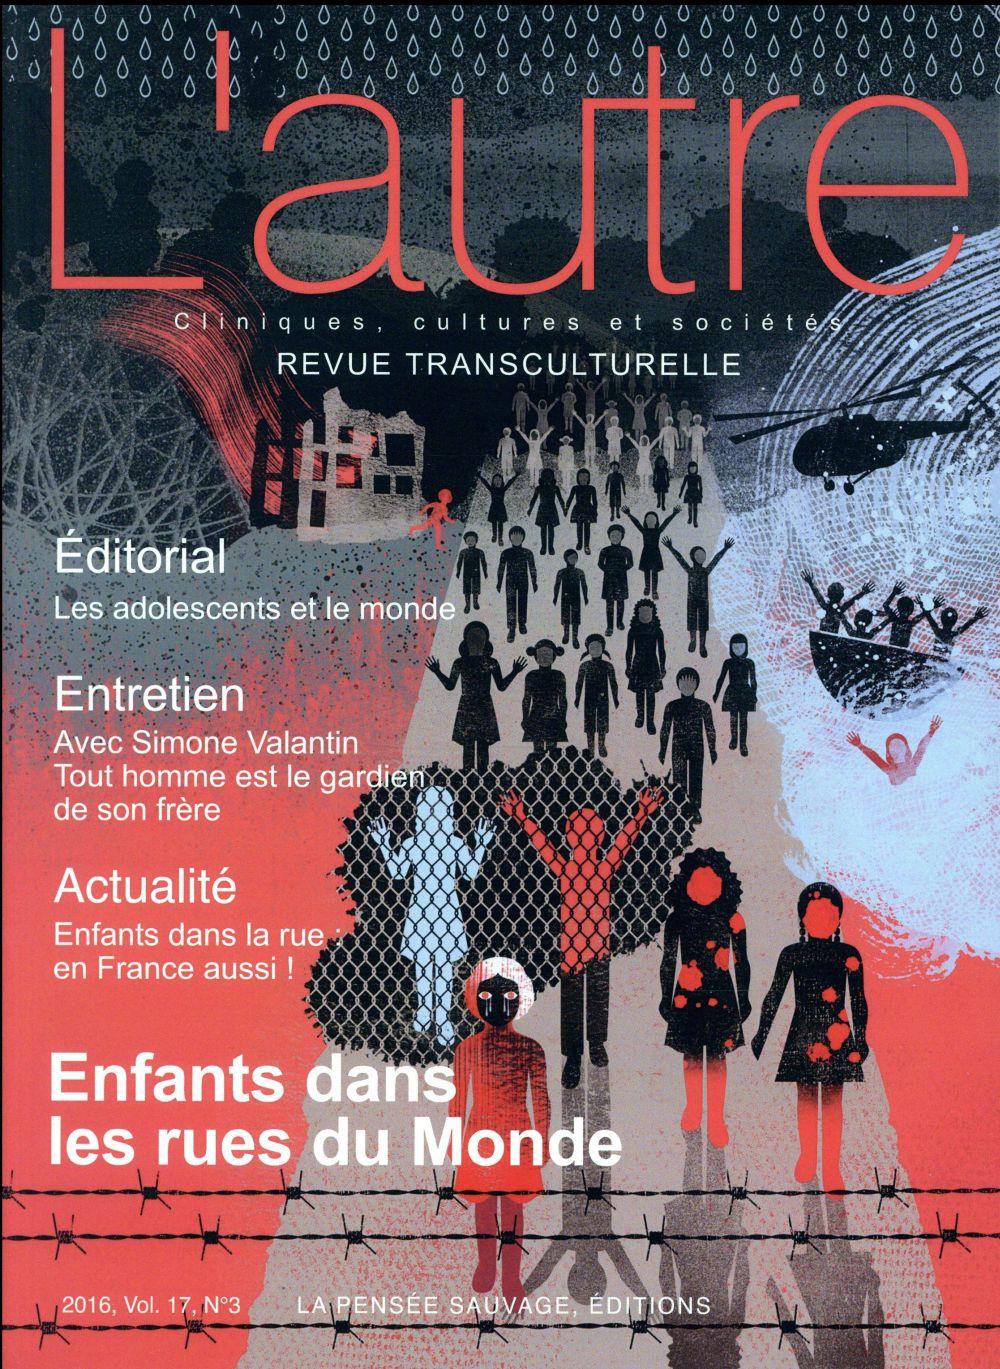 REVUE L'AUTRE 2016 VOL 17 N°3 ENFANTS DANS LES RUES DU MONDE